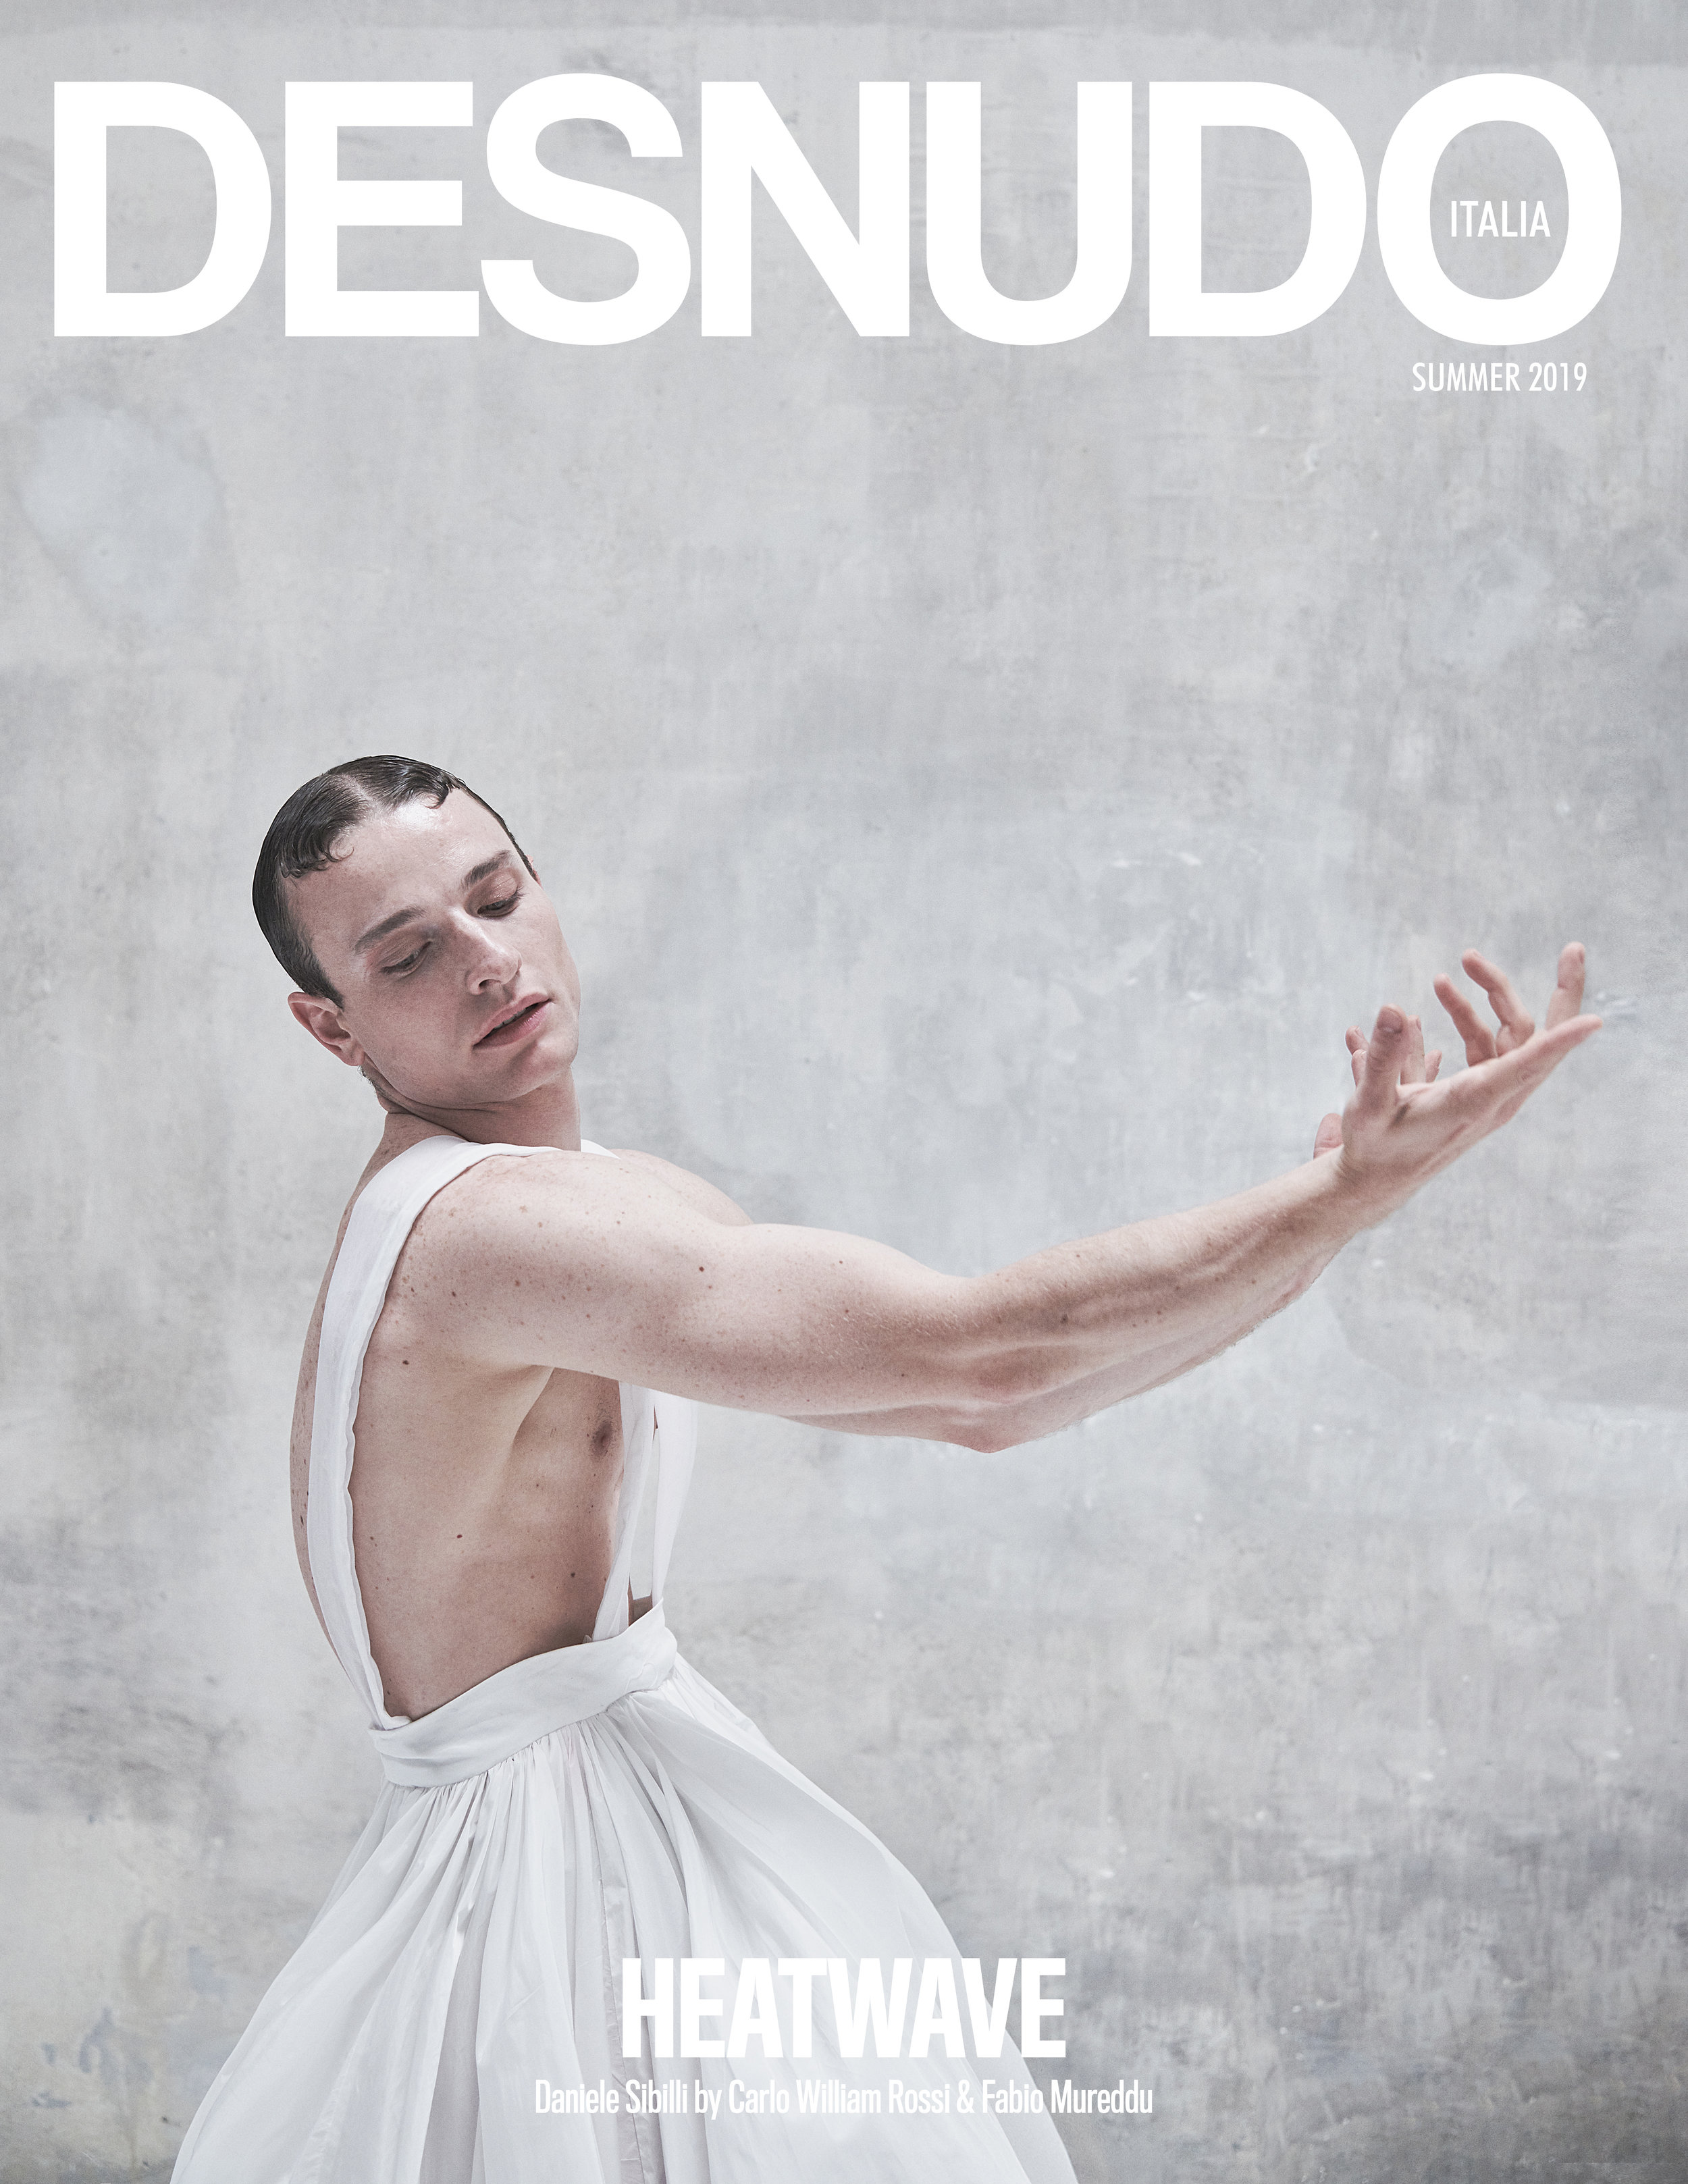 Daniele Sibilli (Cover 2)